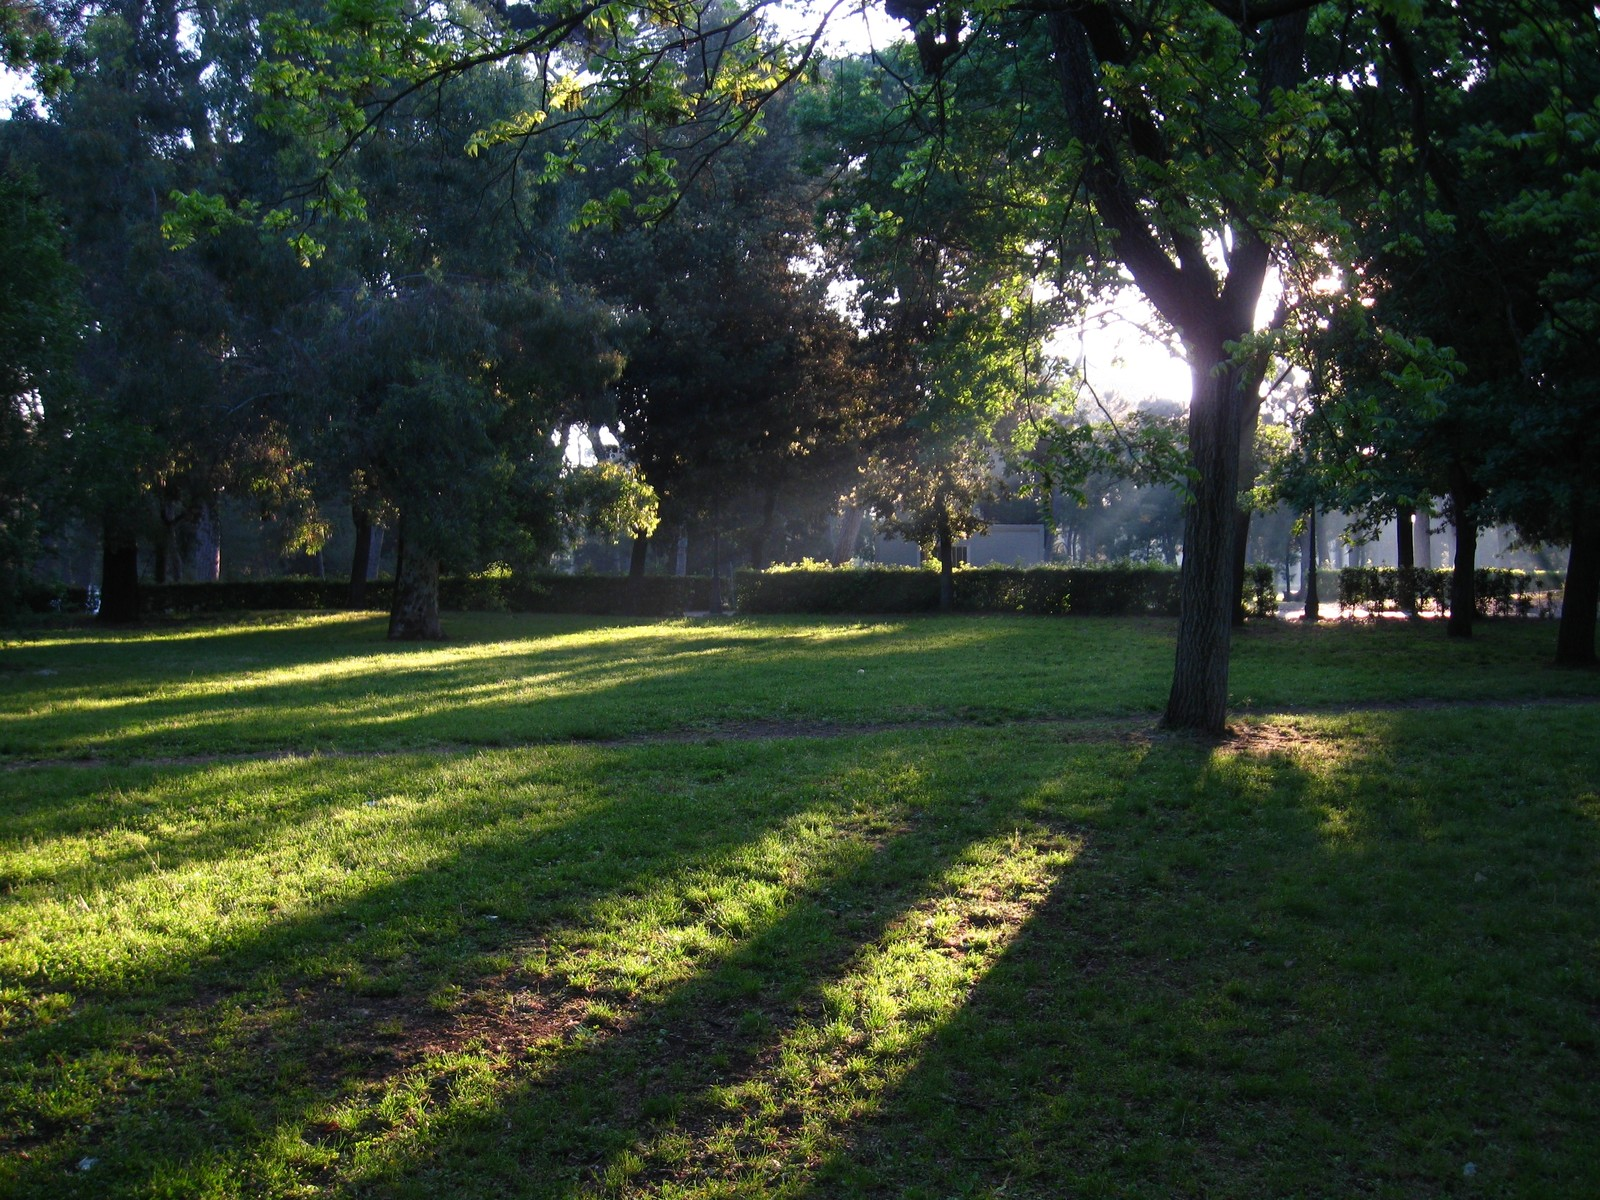 「ボルゲーゼ公園に伸びる木々の影(ローマ)」の写真